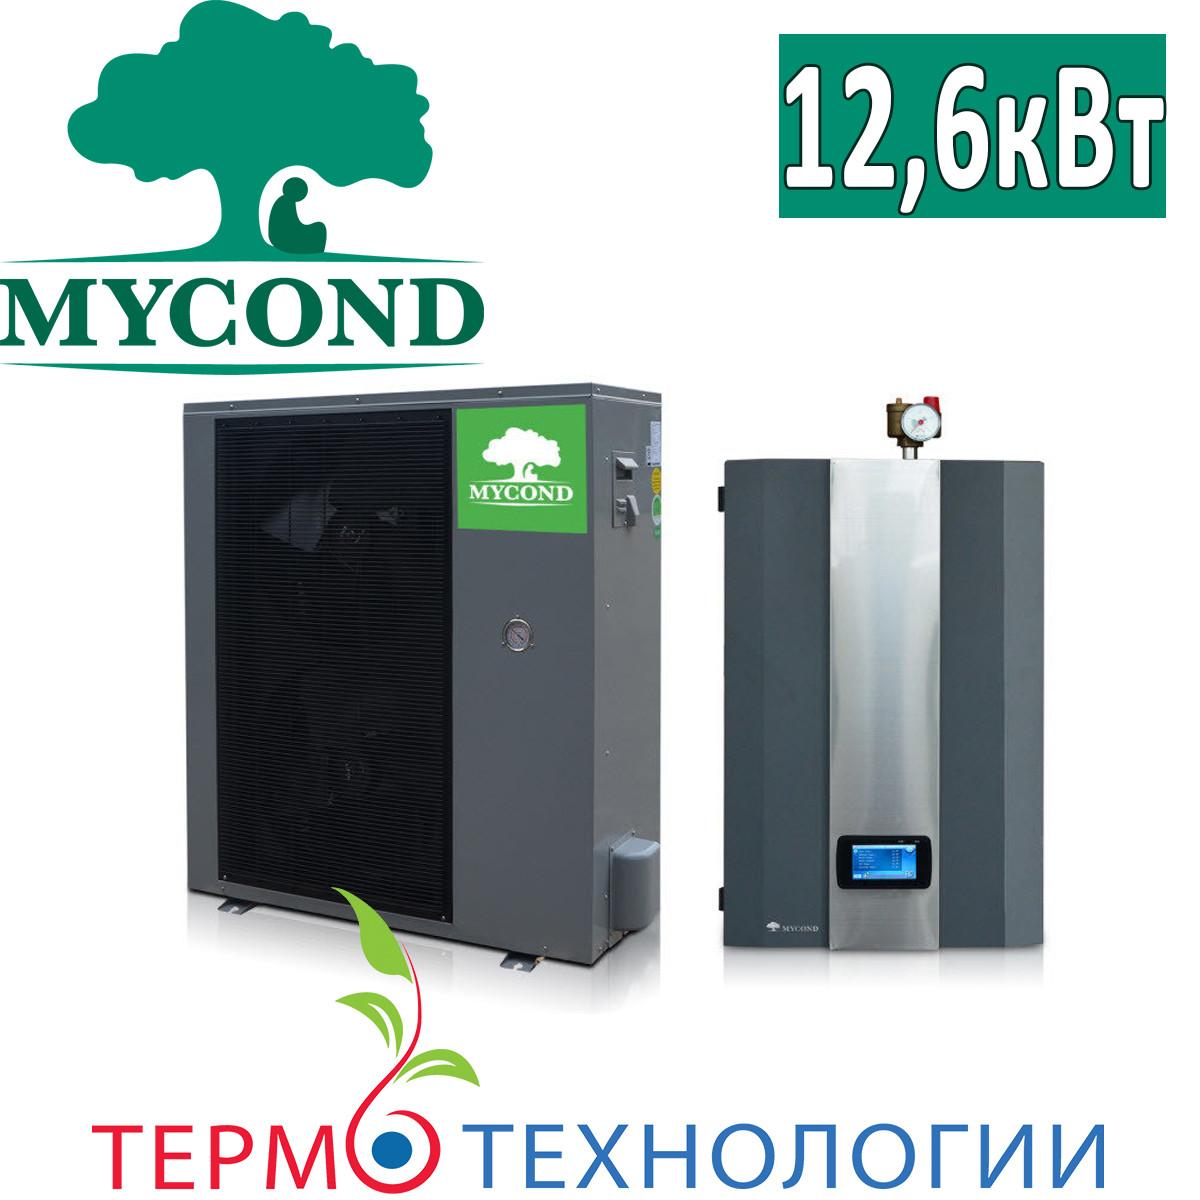 Тепловой насос воздух-вода MYCOND 12,6 кВт